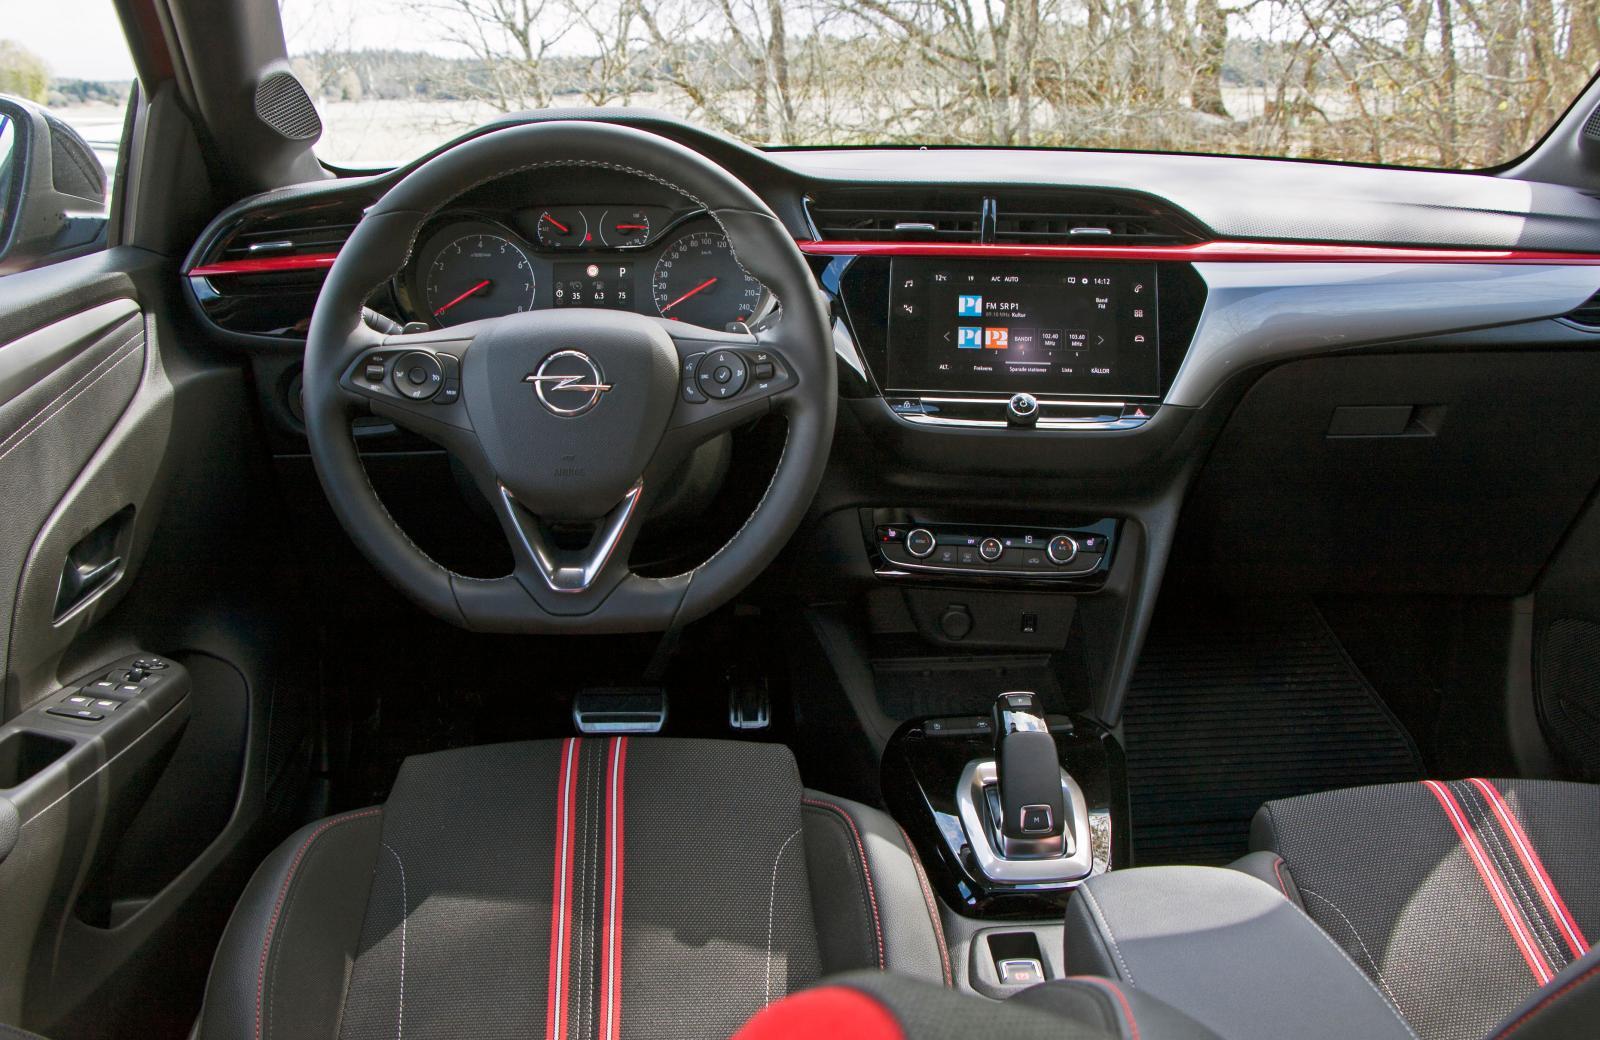 Konventionell, logisk förarmiljö fjärran från formexperimenten i Peugeot 208 men växelväljaren är identisk. Stora mätare, trådlös mobilladdare.